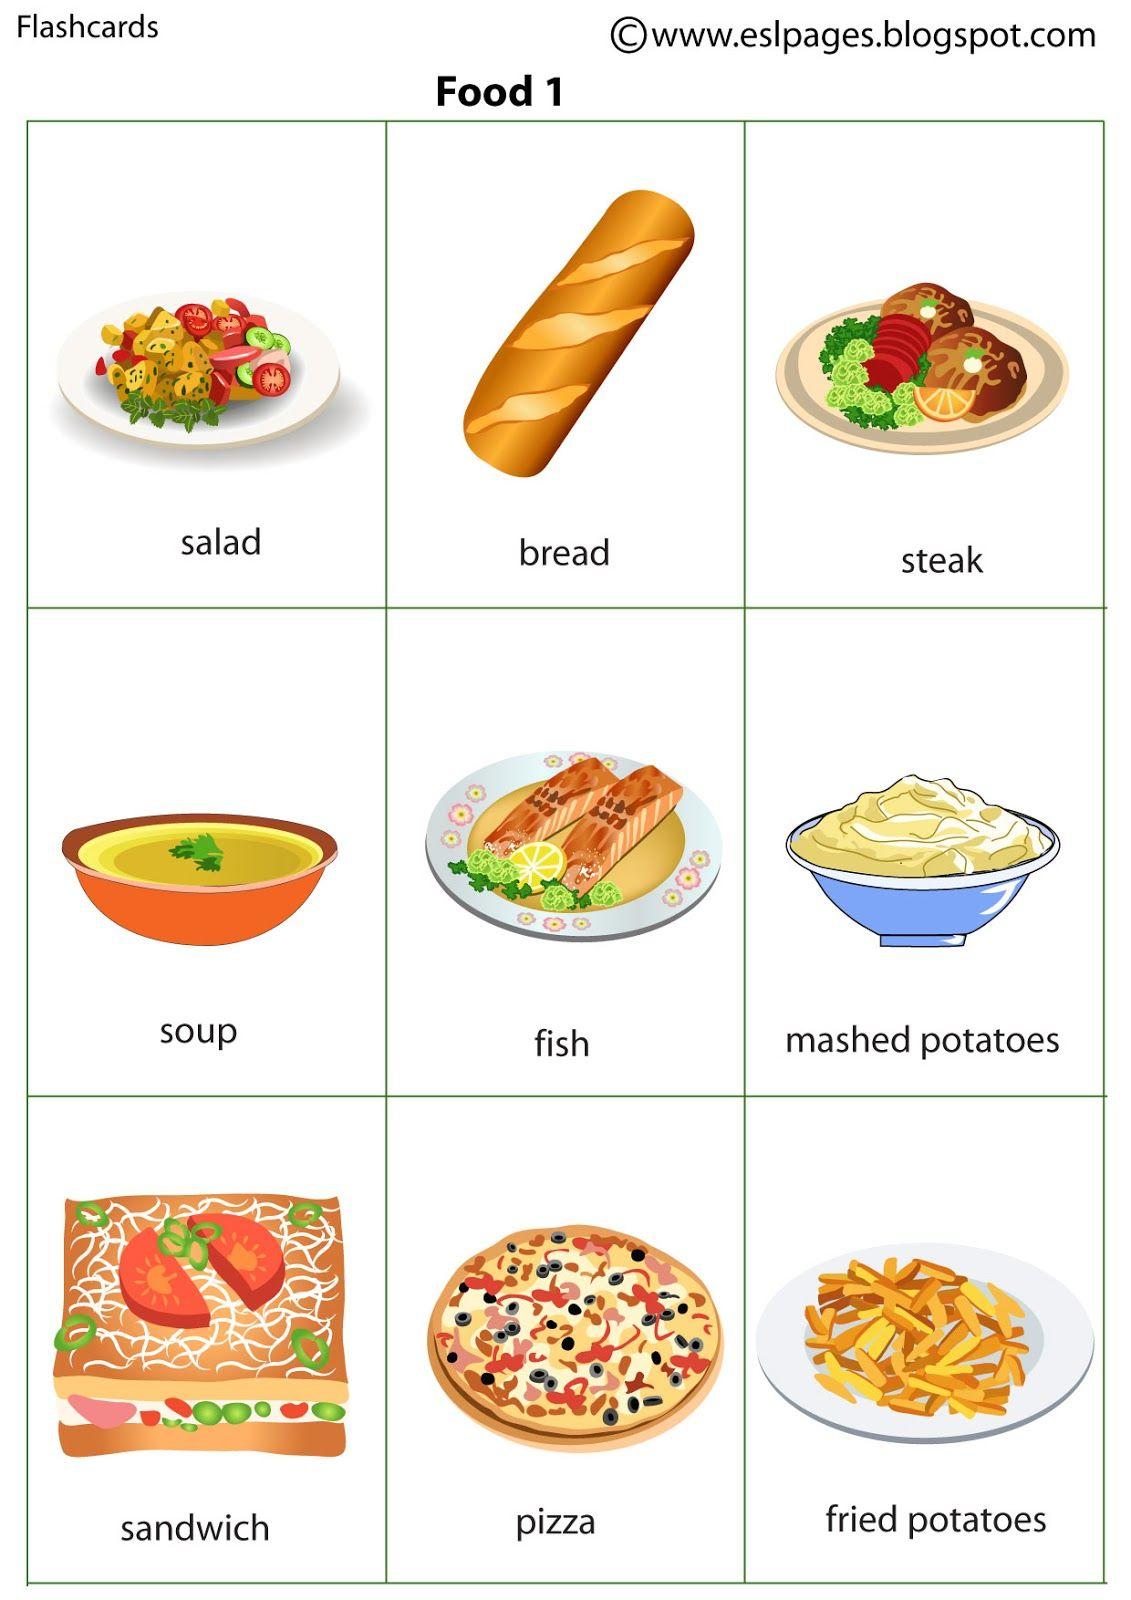 Fast Food Flashcards